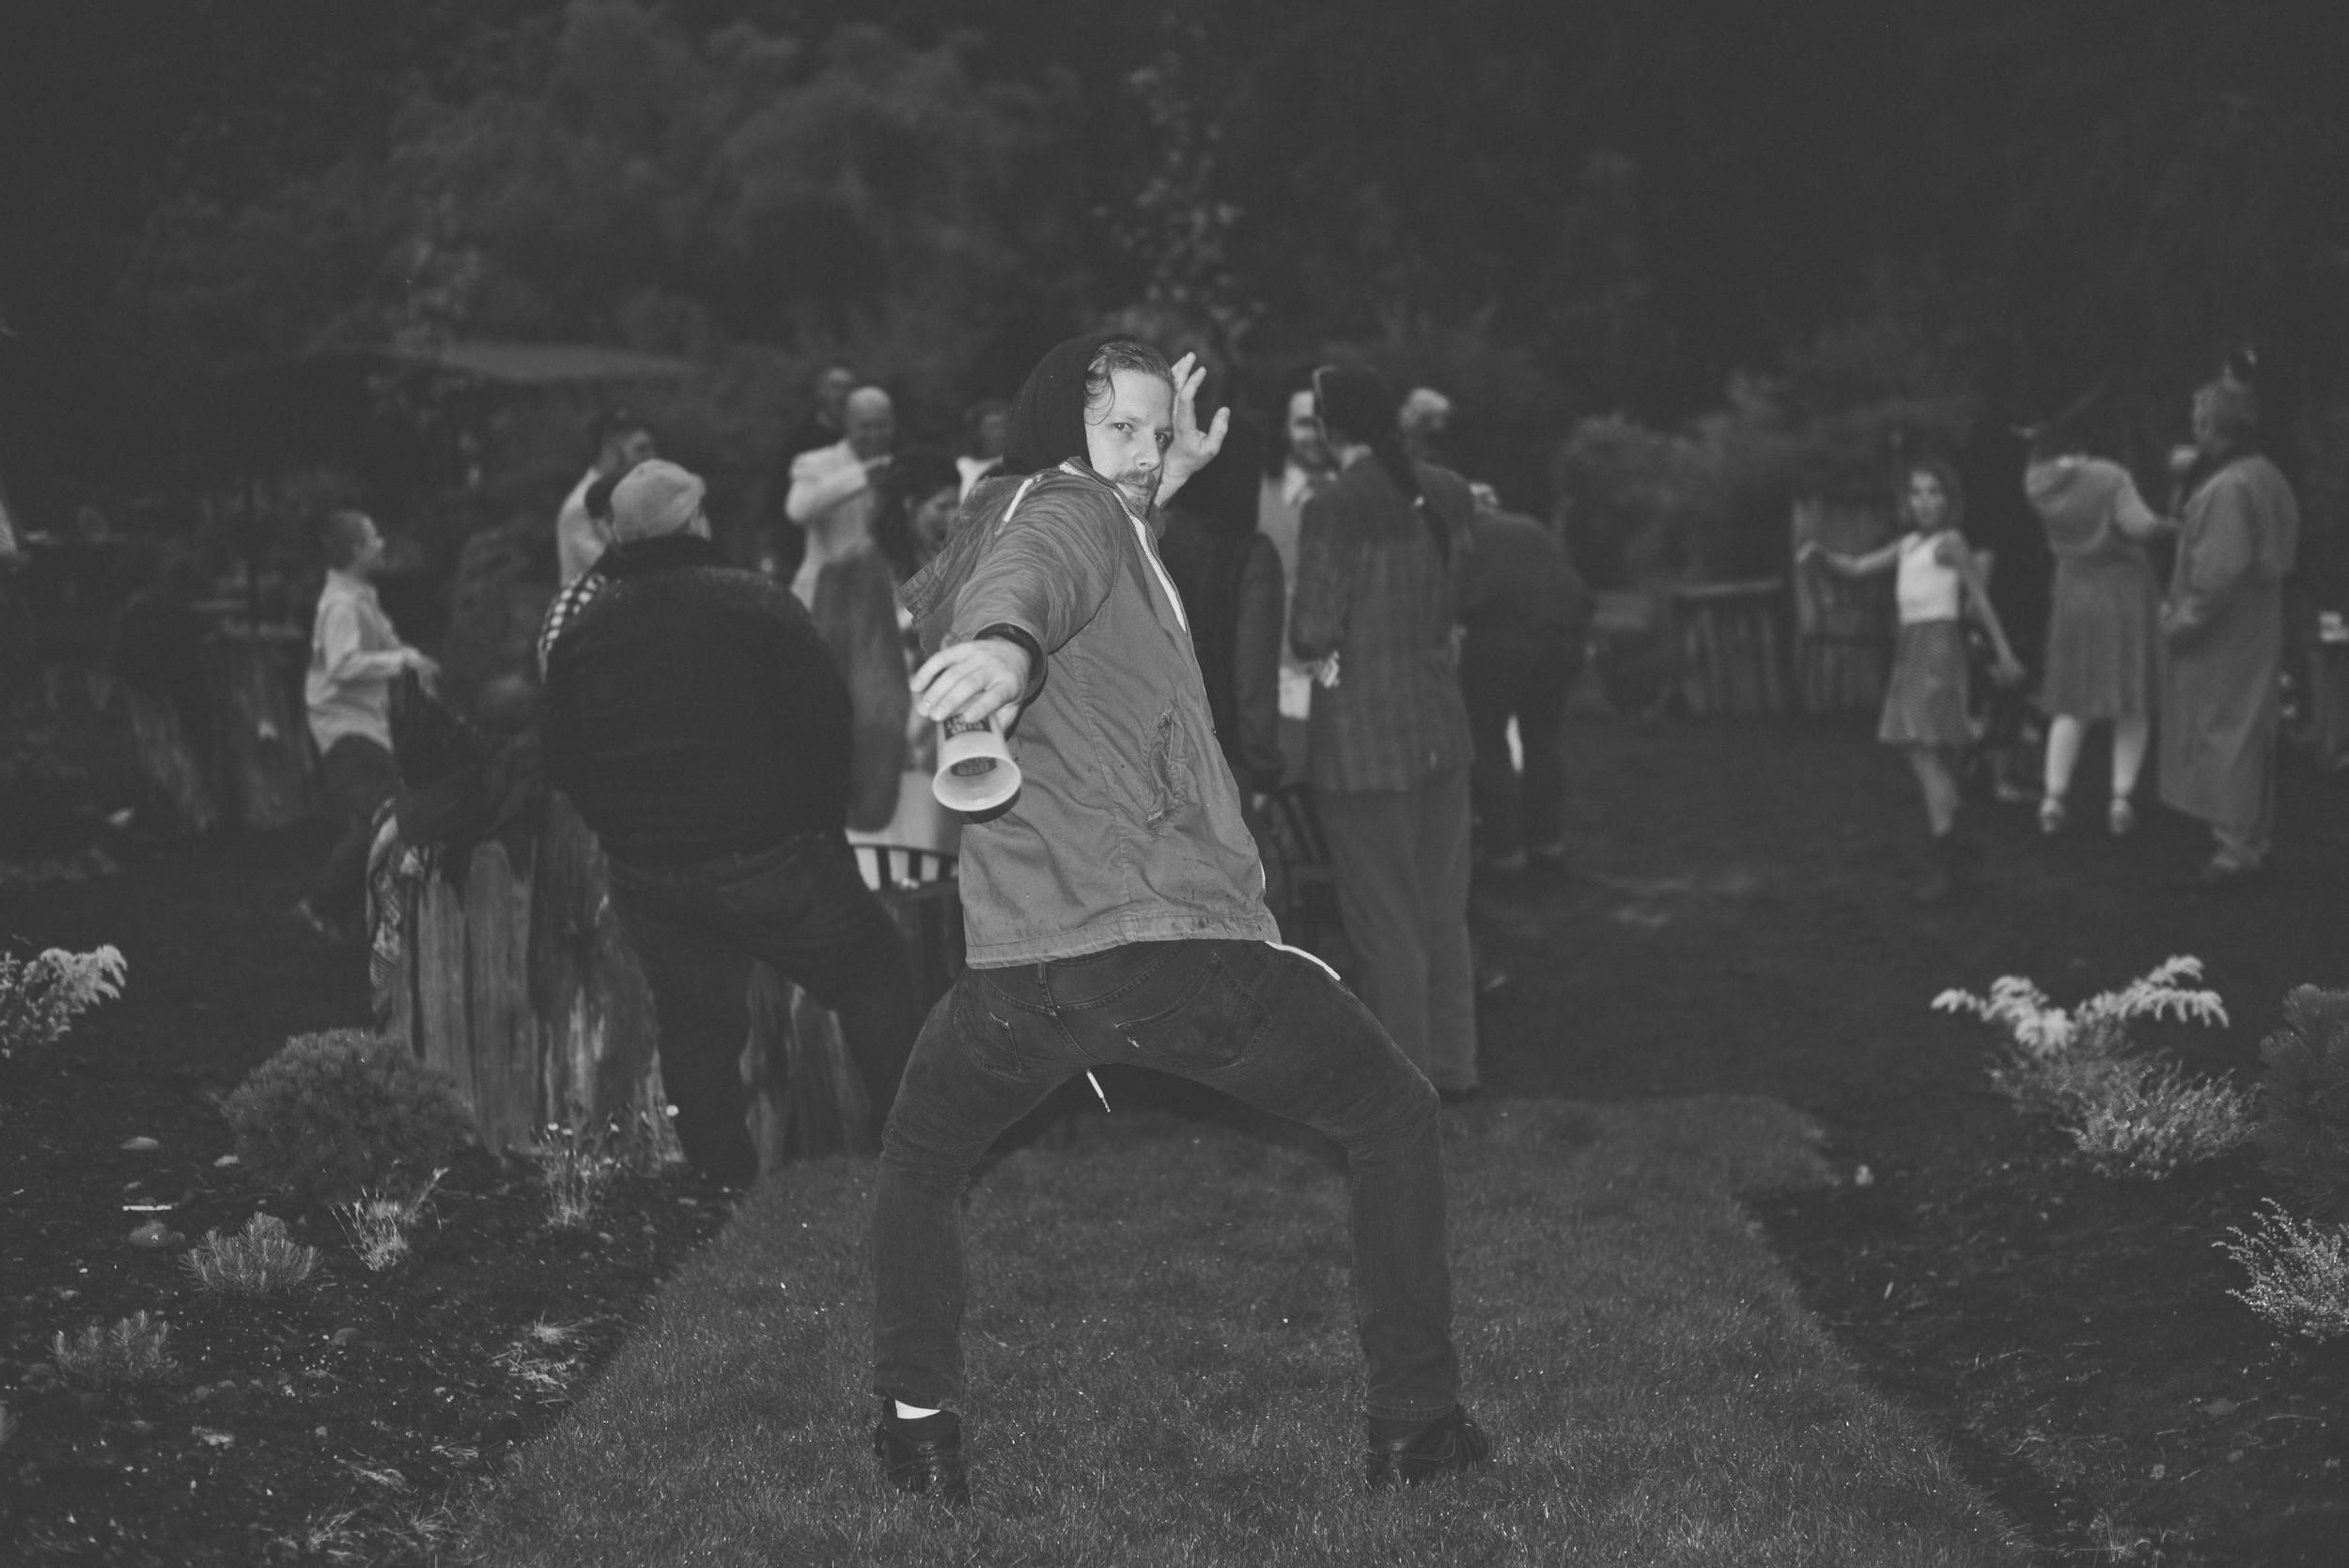 dancing-7683.jpg